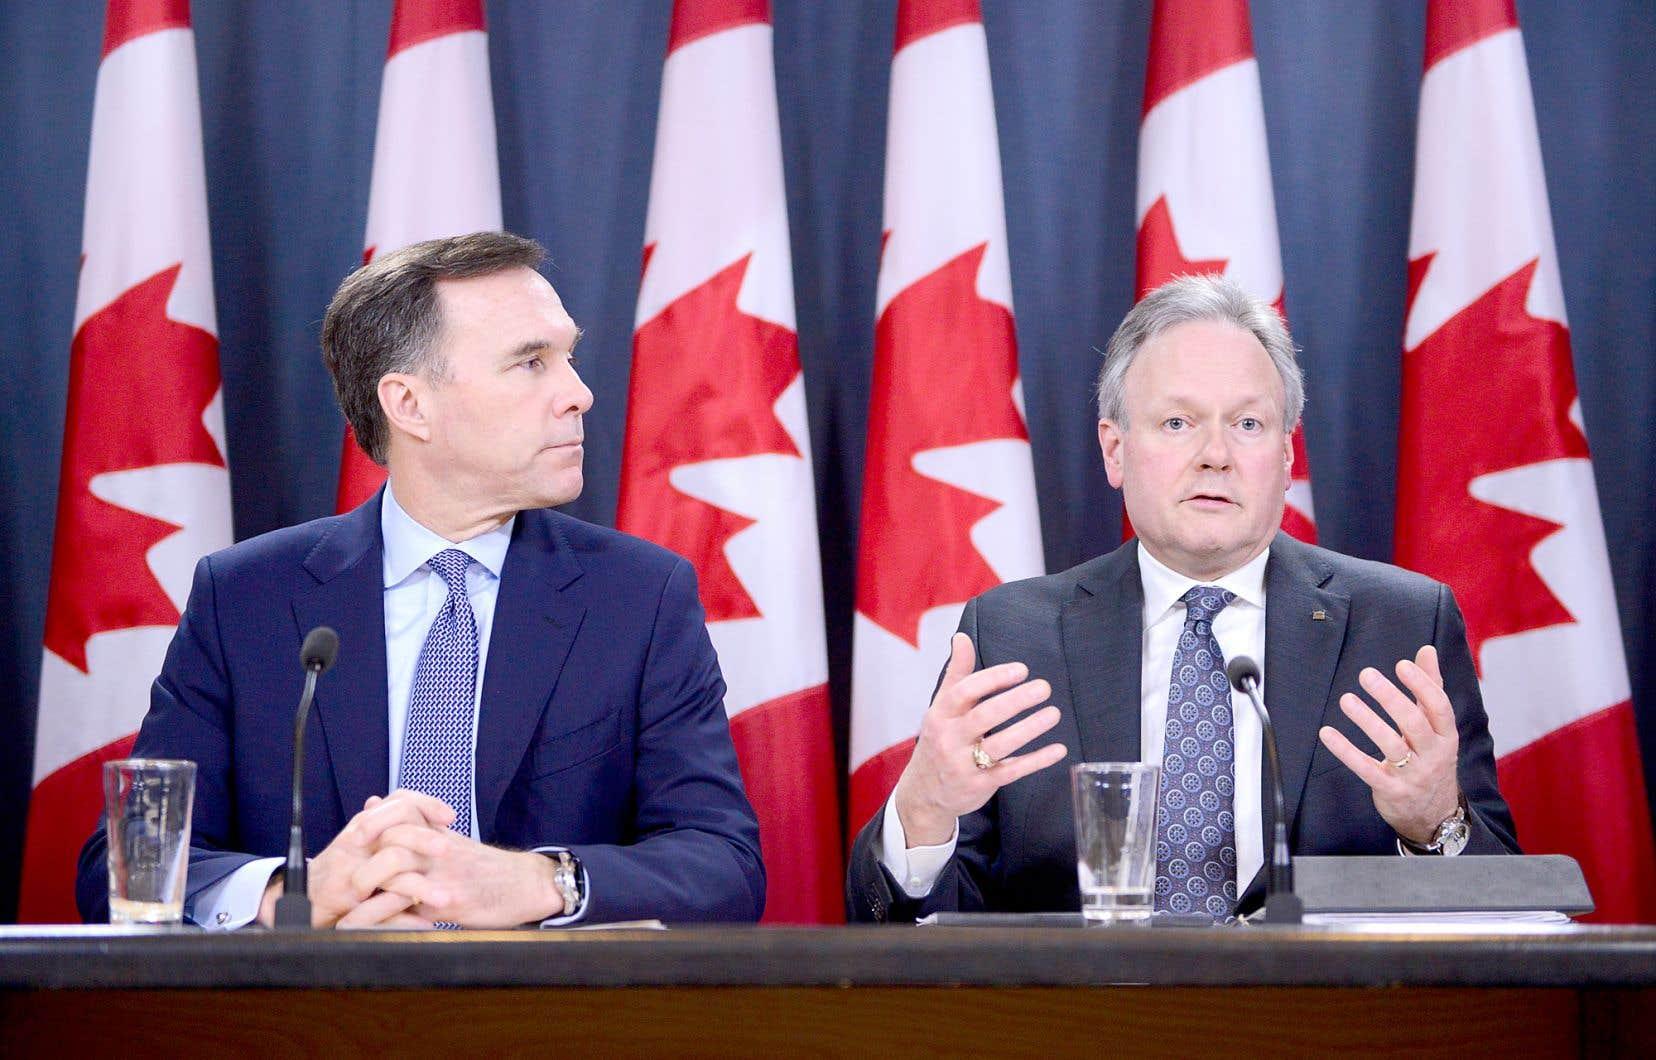 Le ministre des Finances, Bill Morneau, et le gouverneur de la Banque du Canada, Stephen Poloz ont présenté plusieurs mesures pour répondre à l'incertitude économique accompagnant la pandémie de coronavirus.